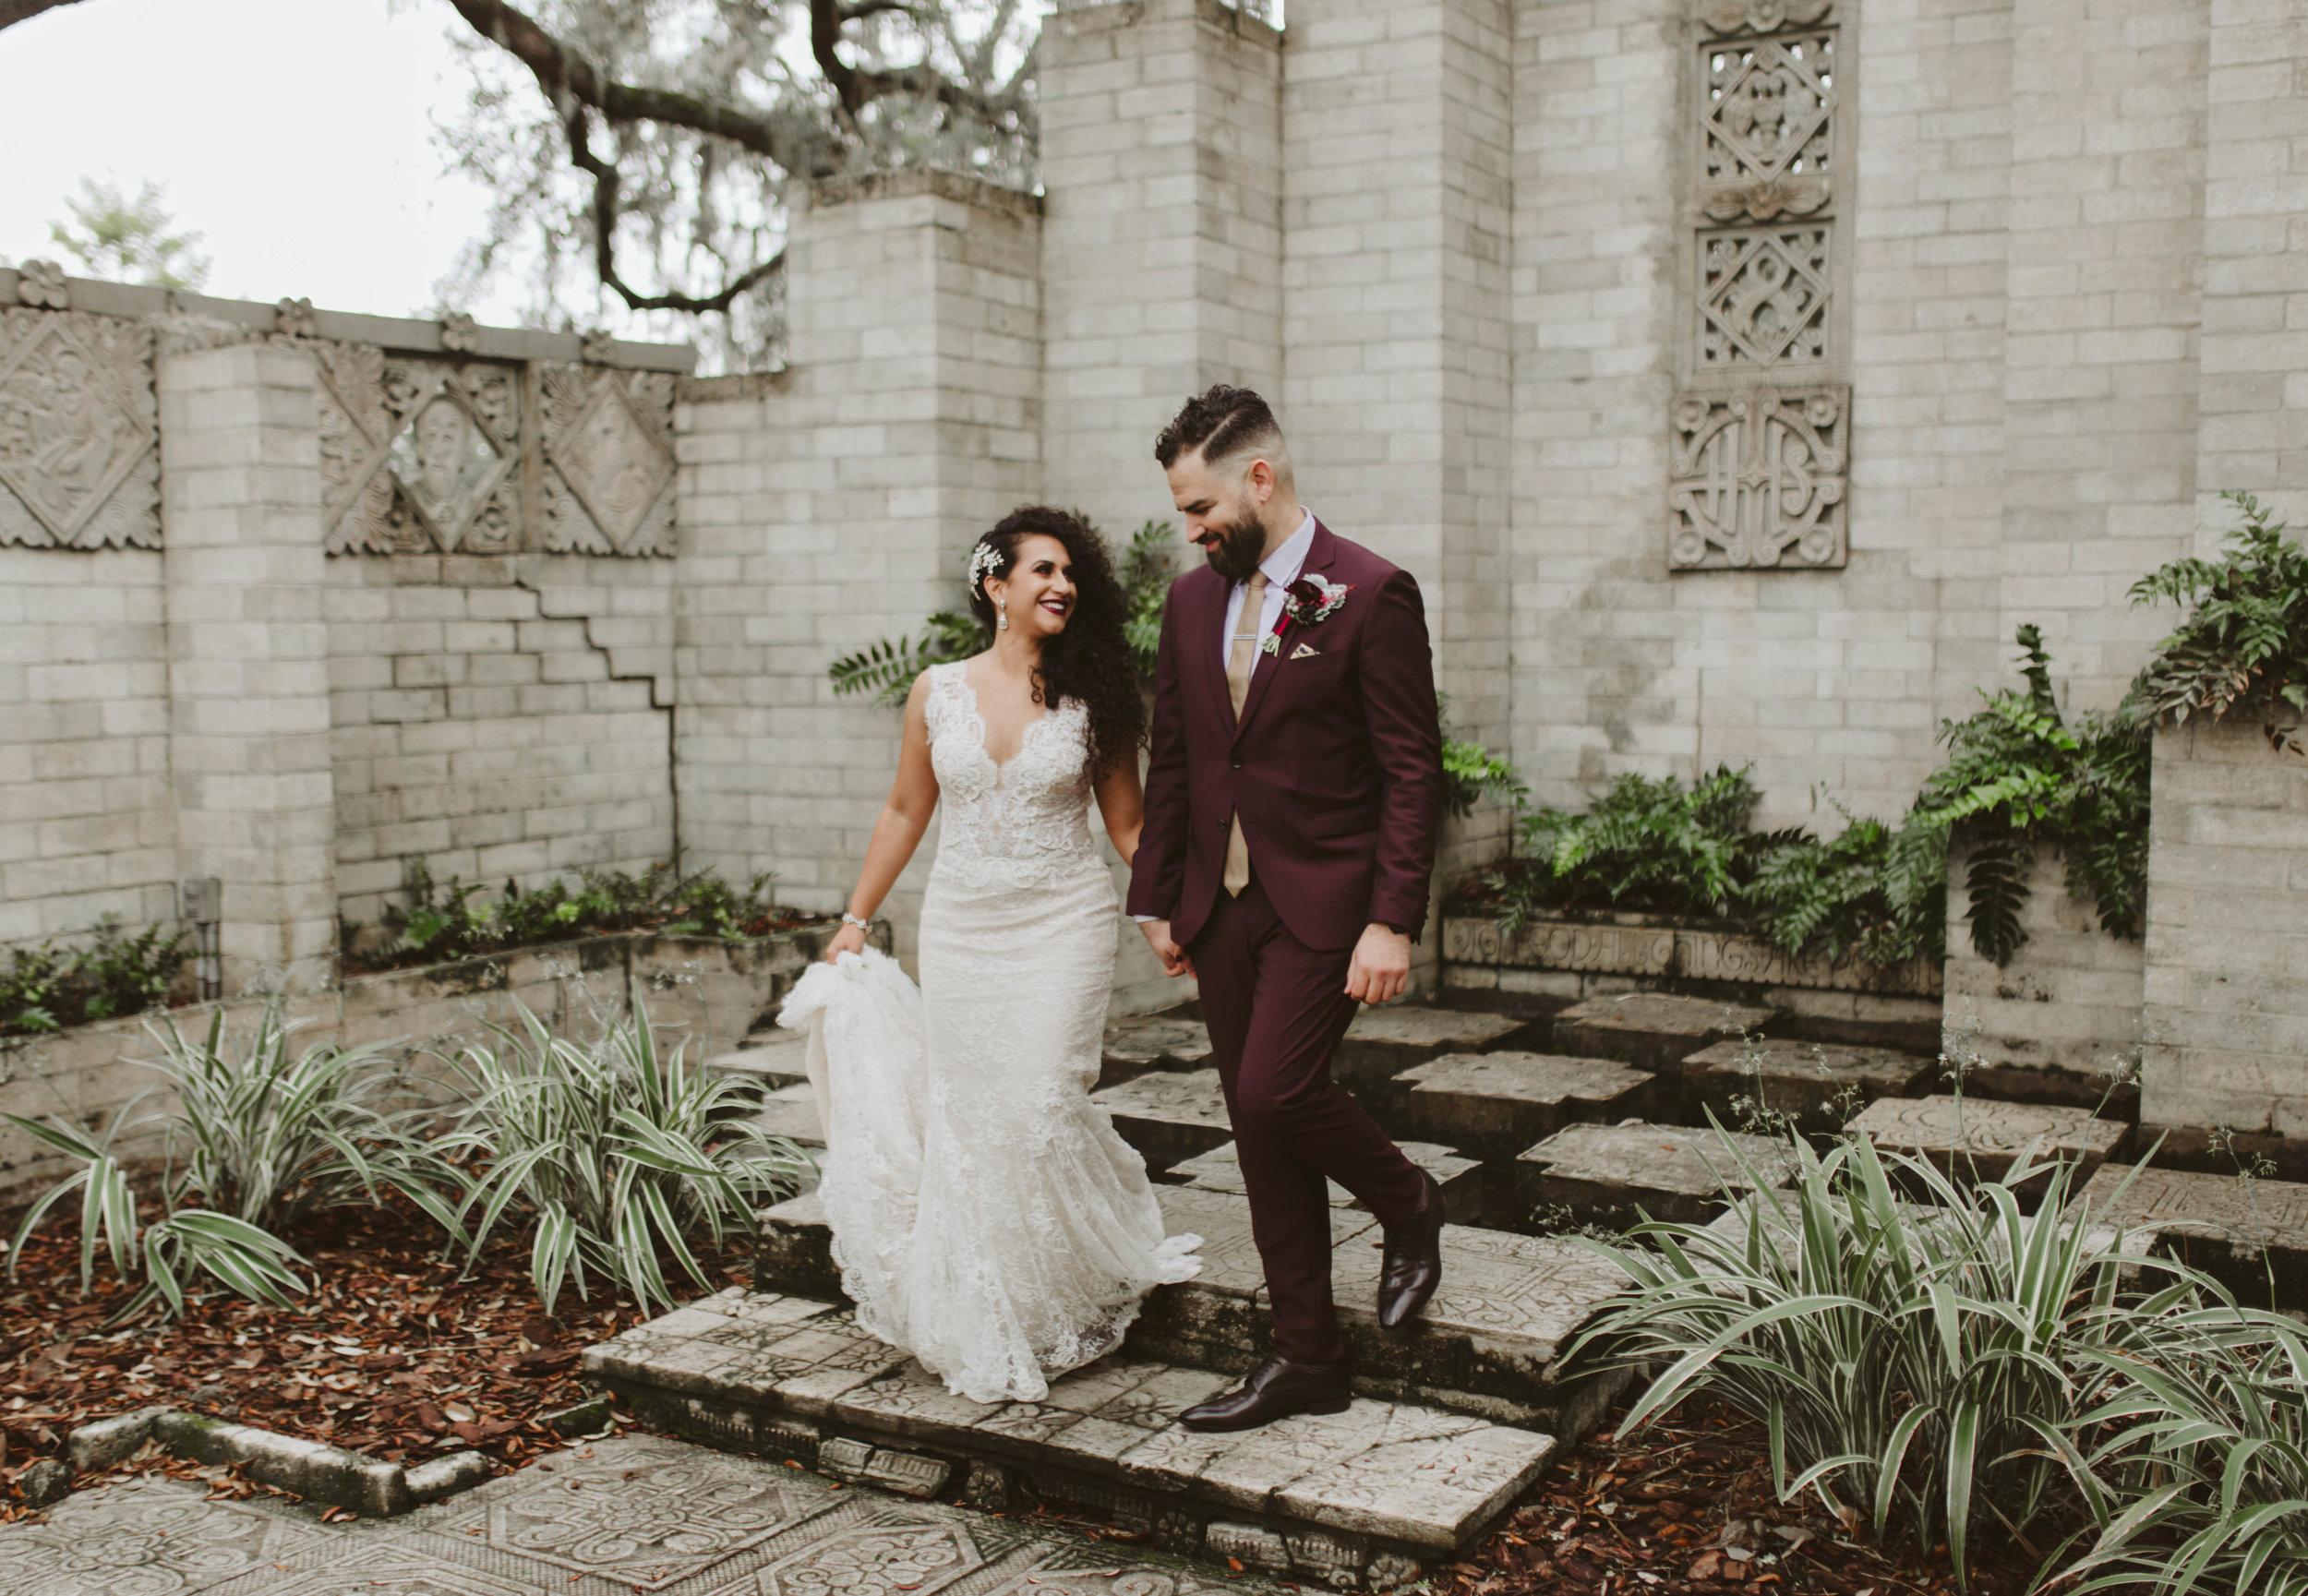 Wedding | Maitland Arts Center | Chepe and Patty | Vanessa Boy | vanessaboy.com-135.jpg